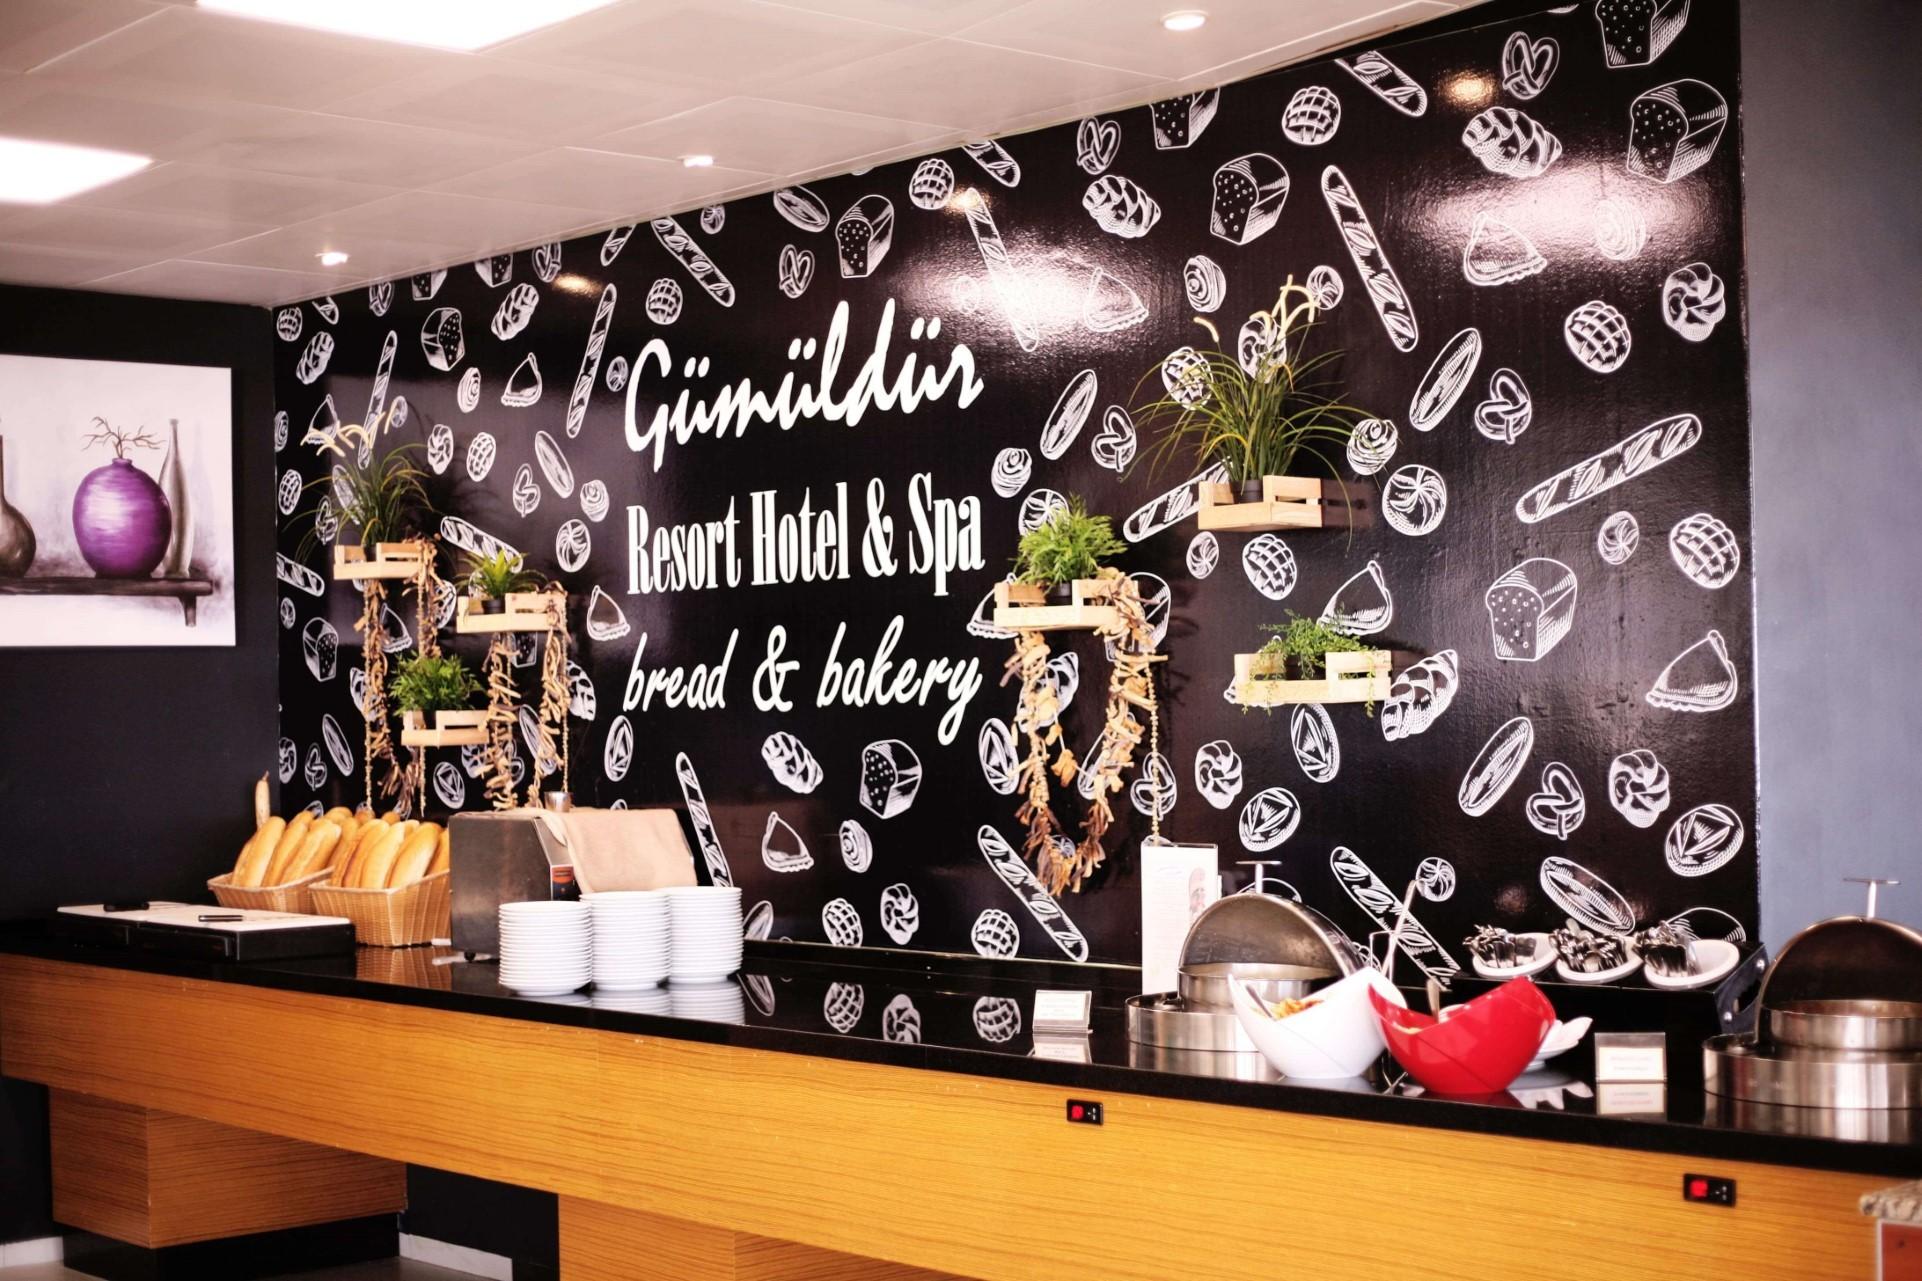 Gumuldur Resort Hotel - щанд за хляб